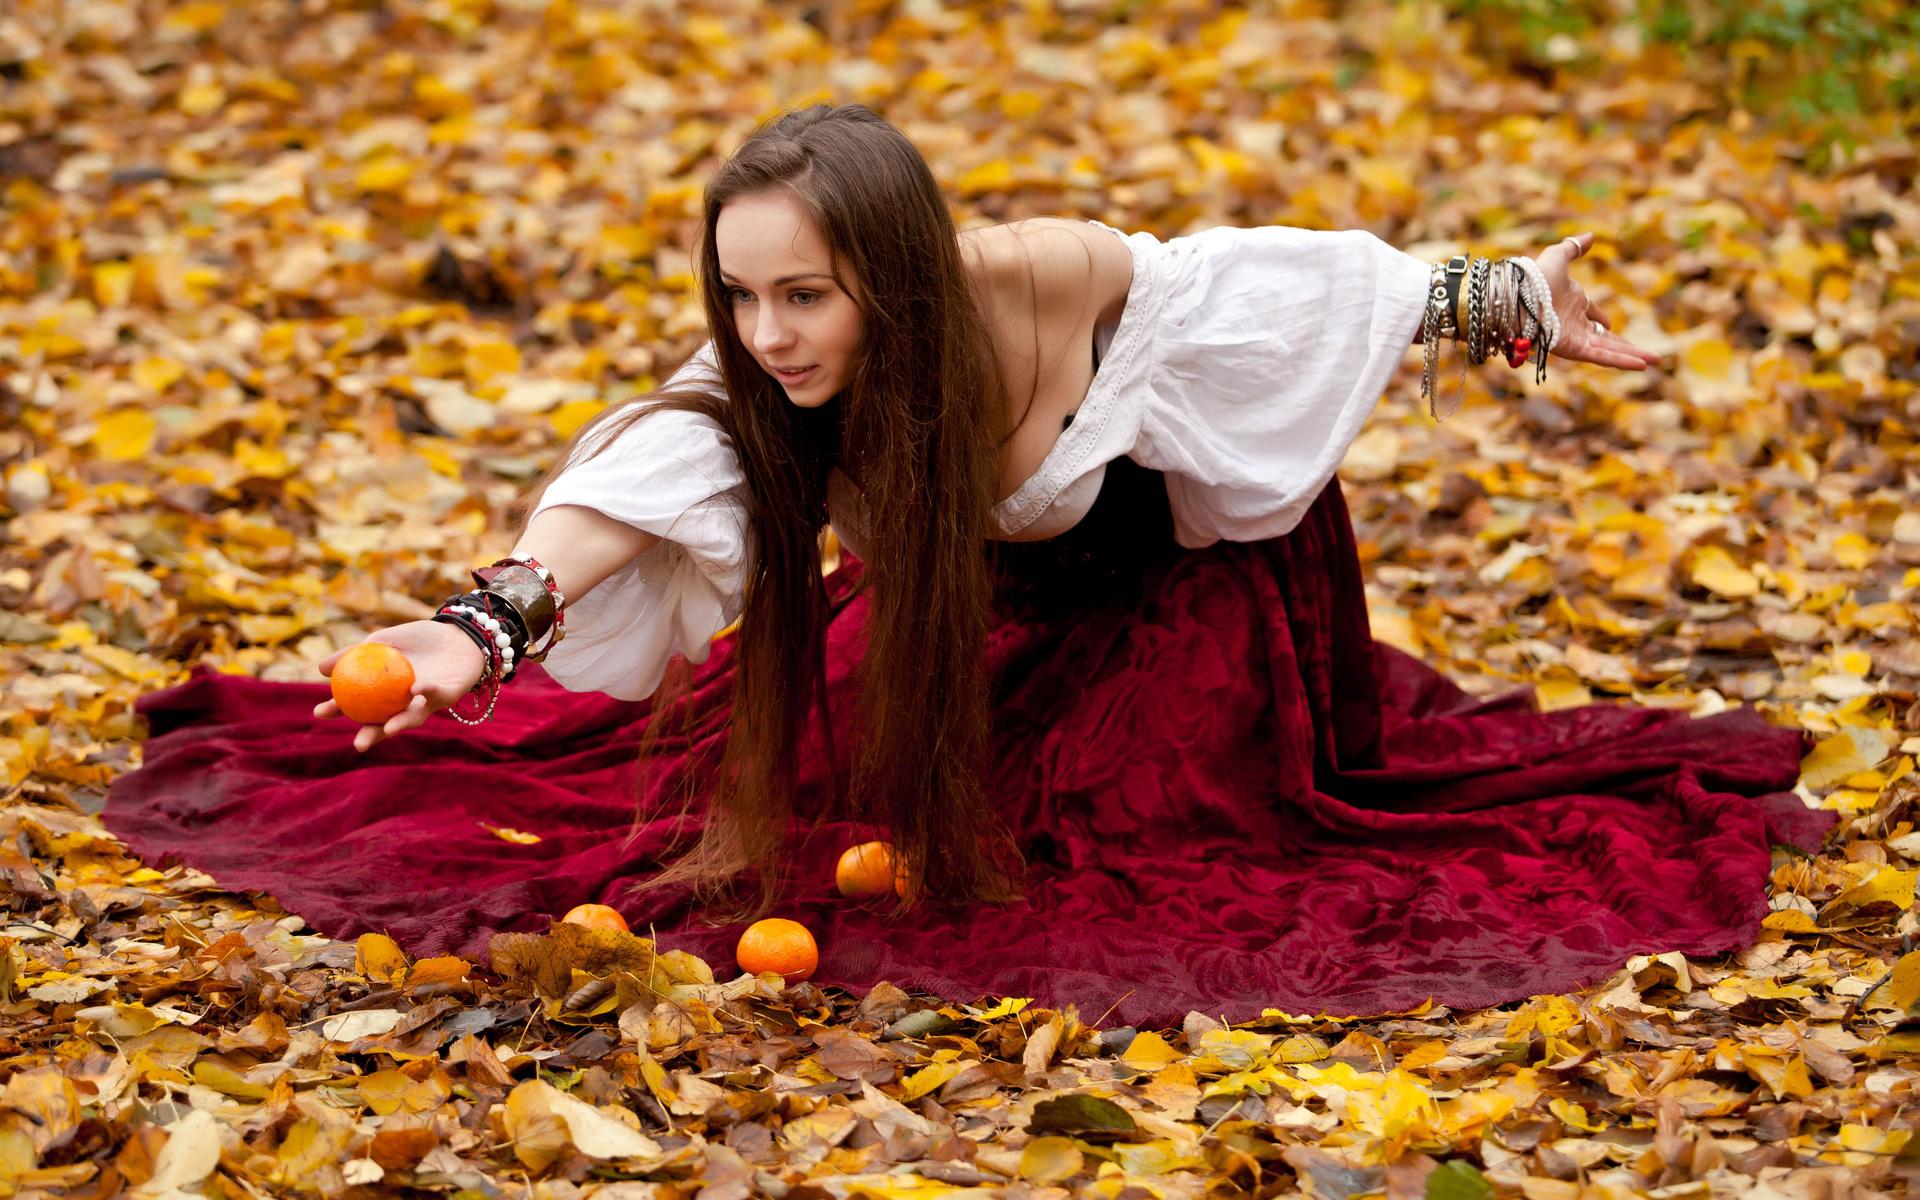 Картинки девушки осень до талии